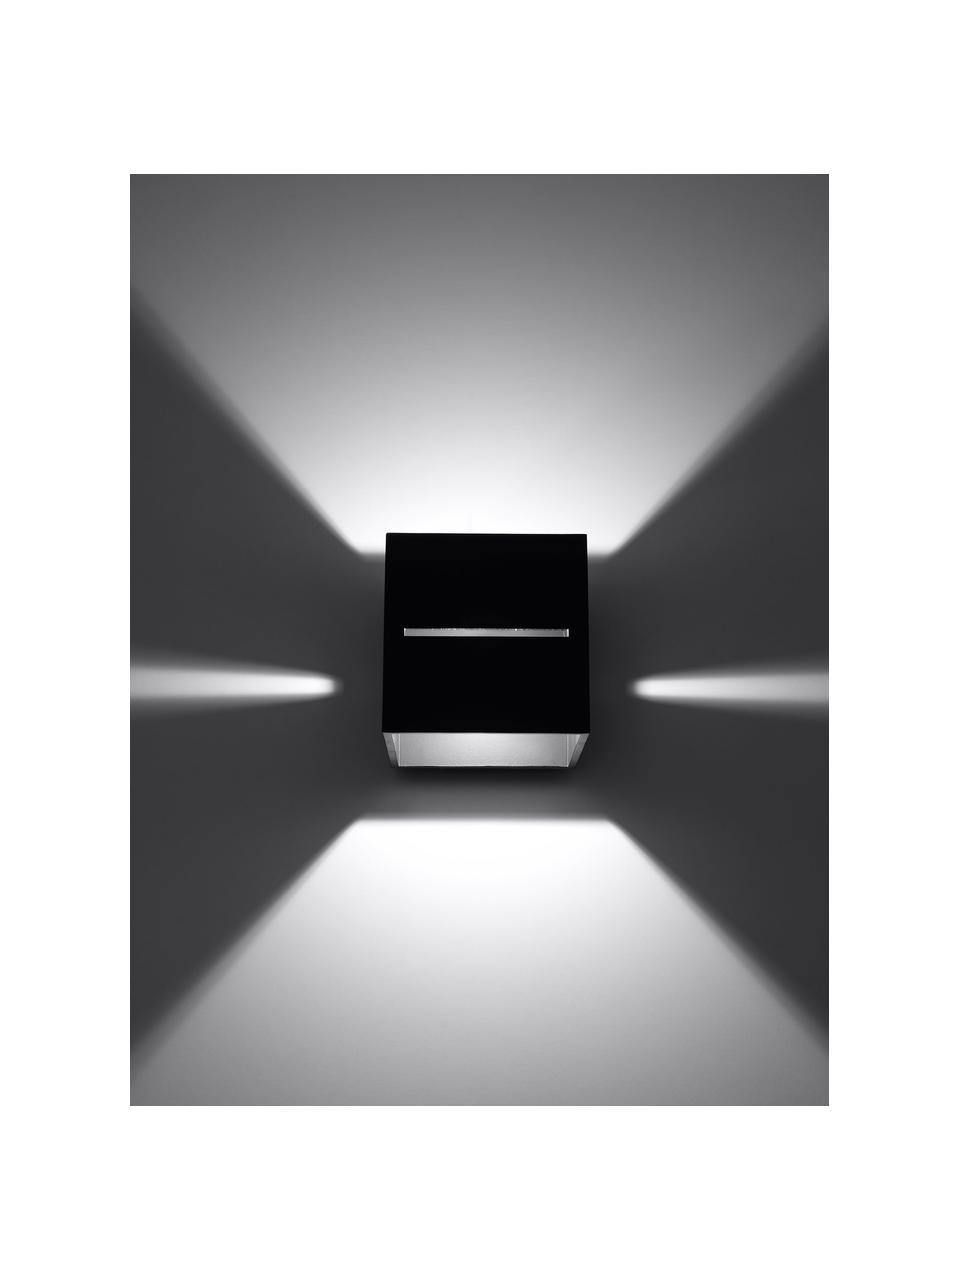 Kleine Wandleuchte Lorum in Schwarz, Lampenschirm: Aluminium, Schwarz, 10 x 10 cm